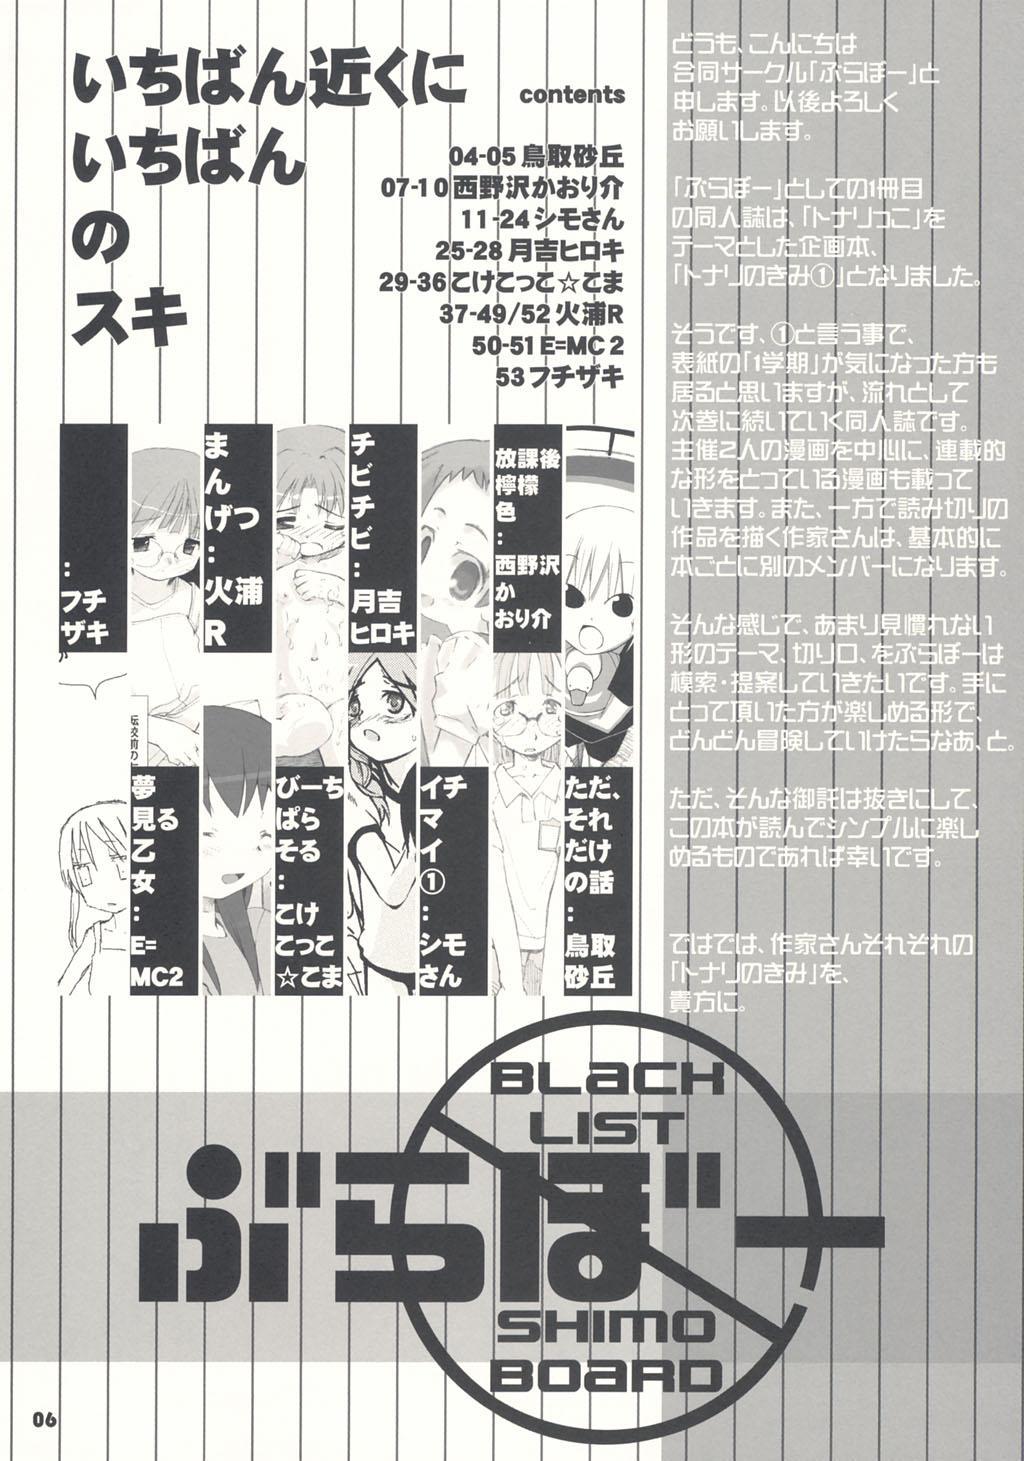 Tonari no Kimi 1-gakki 6